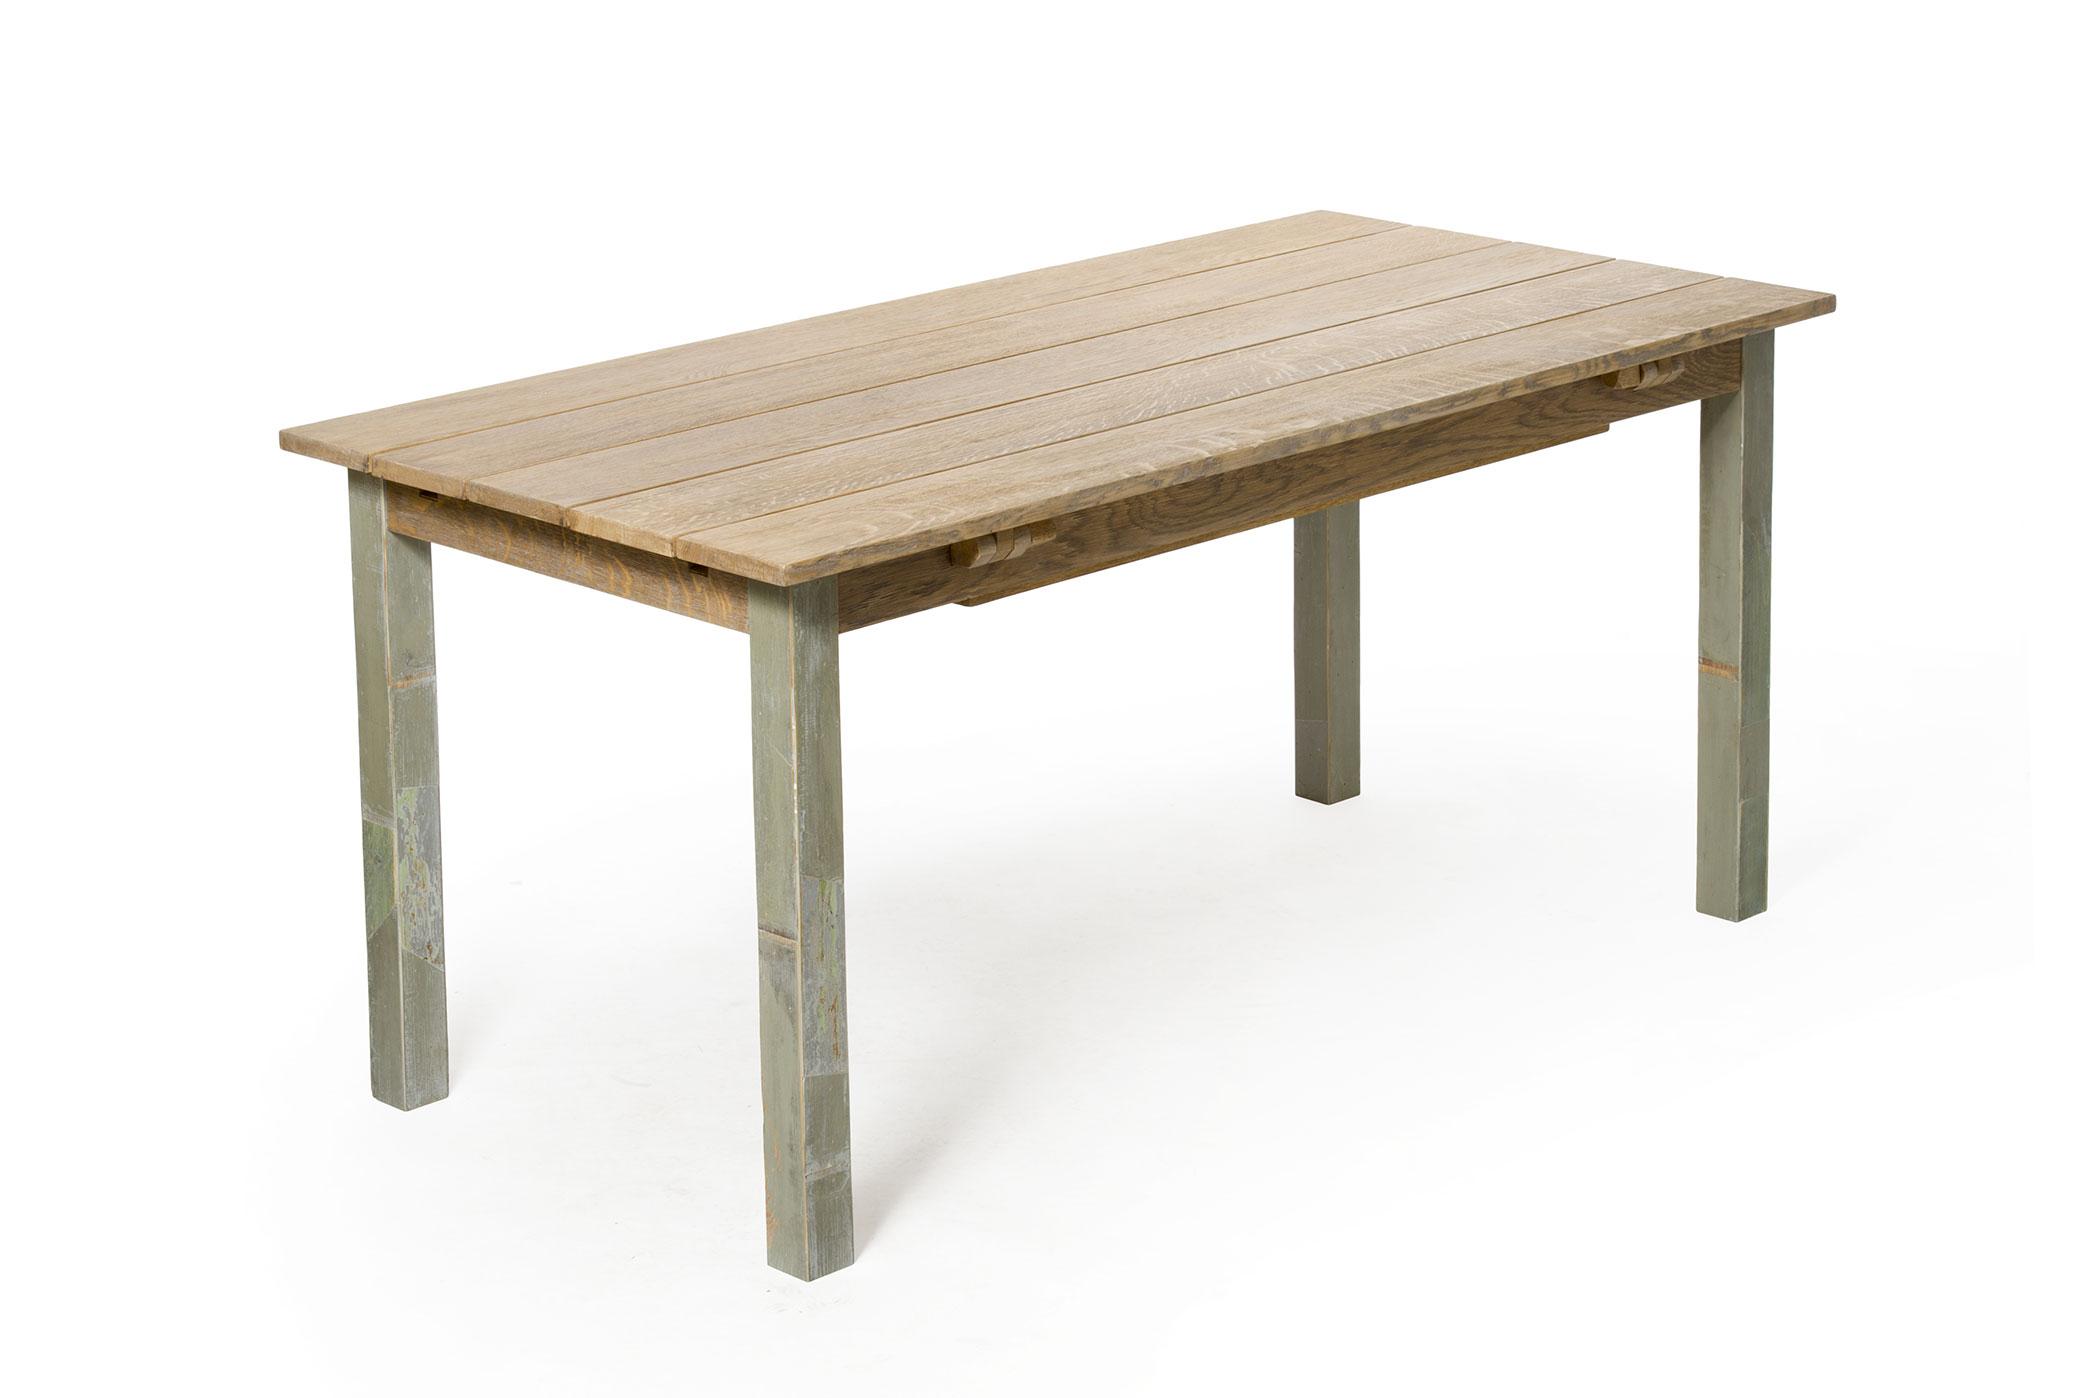 Tavolino fatto a mano dalla falegnameria di design Laquercia21